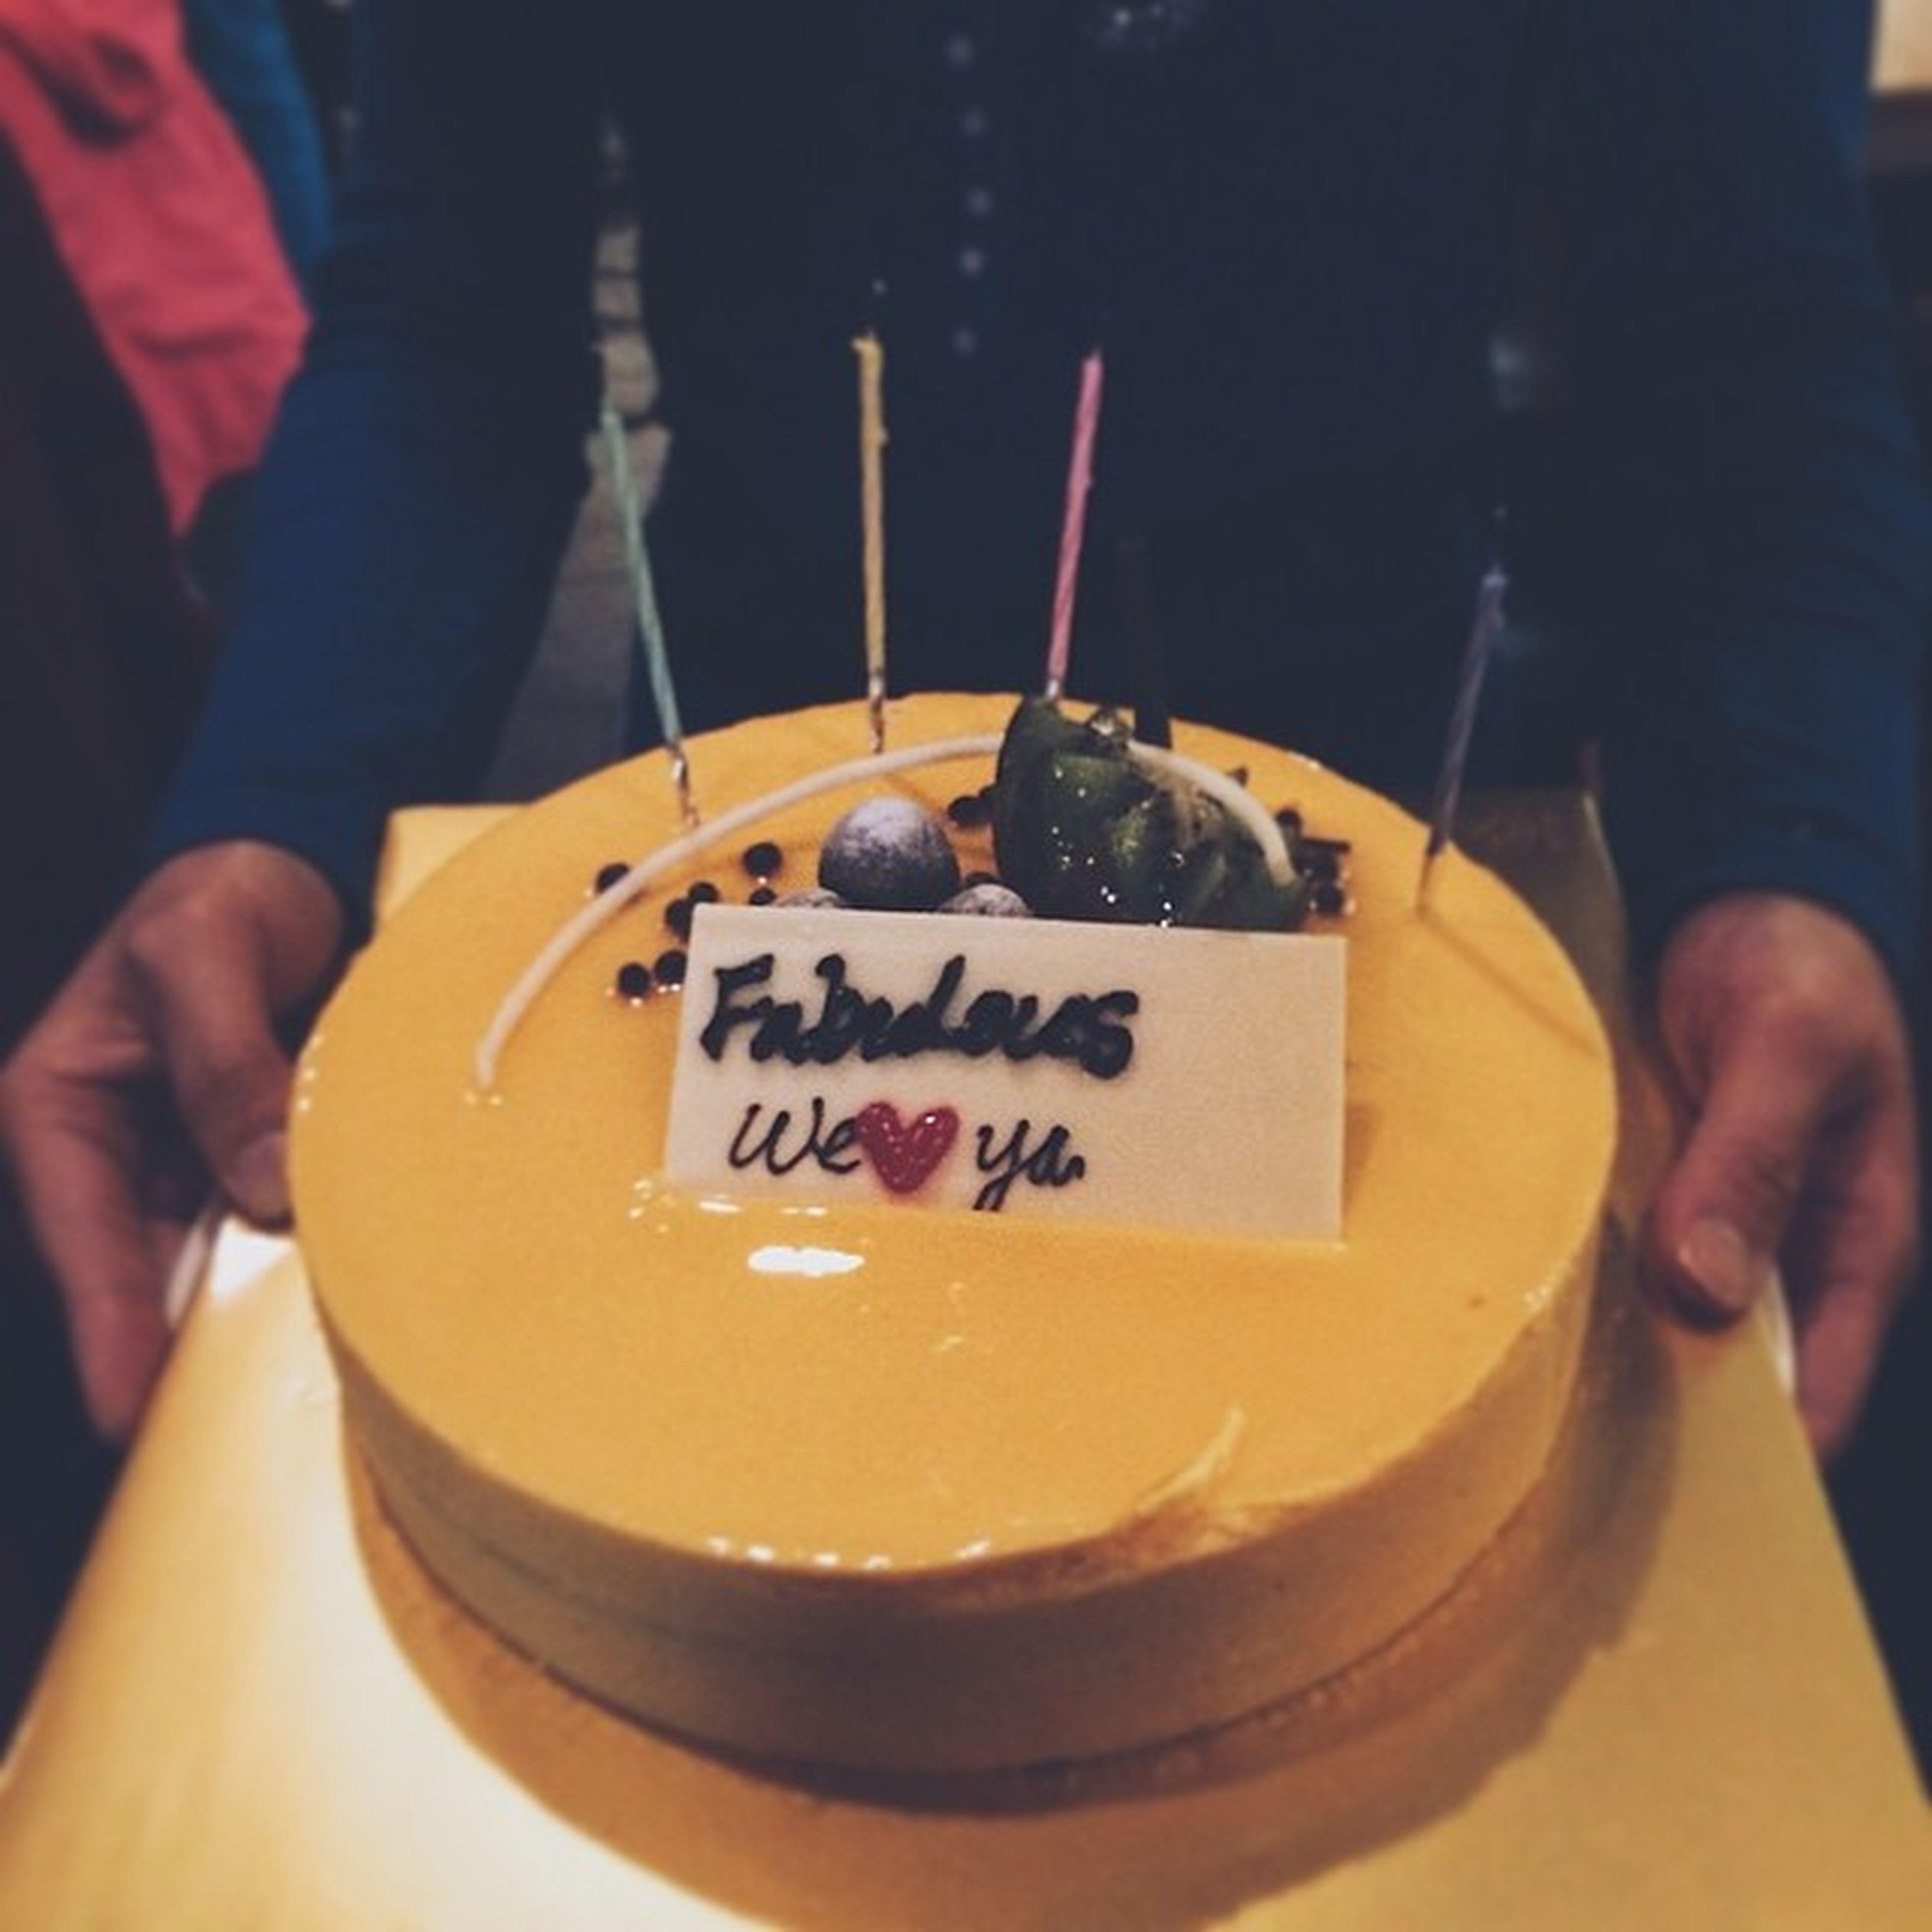 Fabulous mango mousse birthday cake. Tasteslikesex